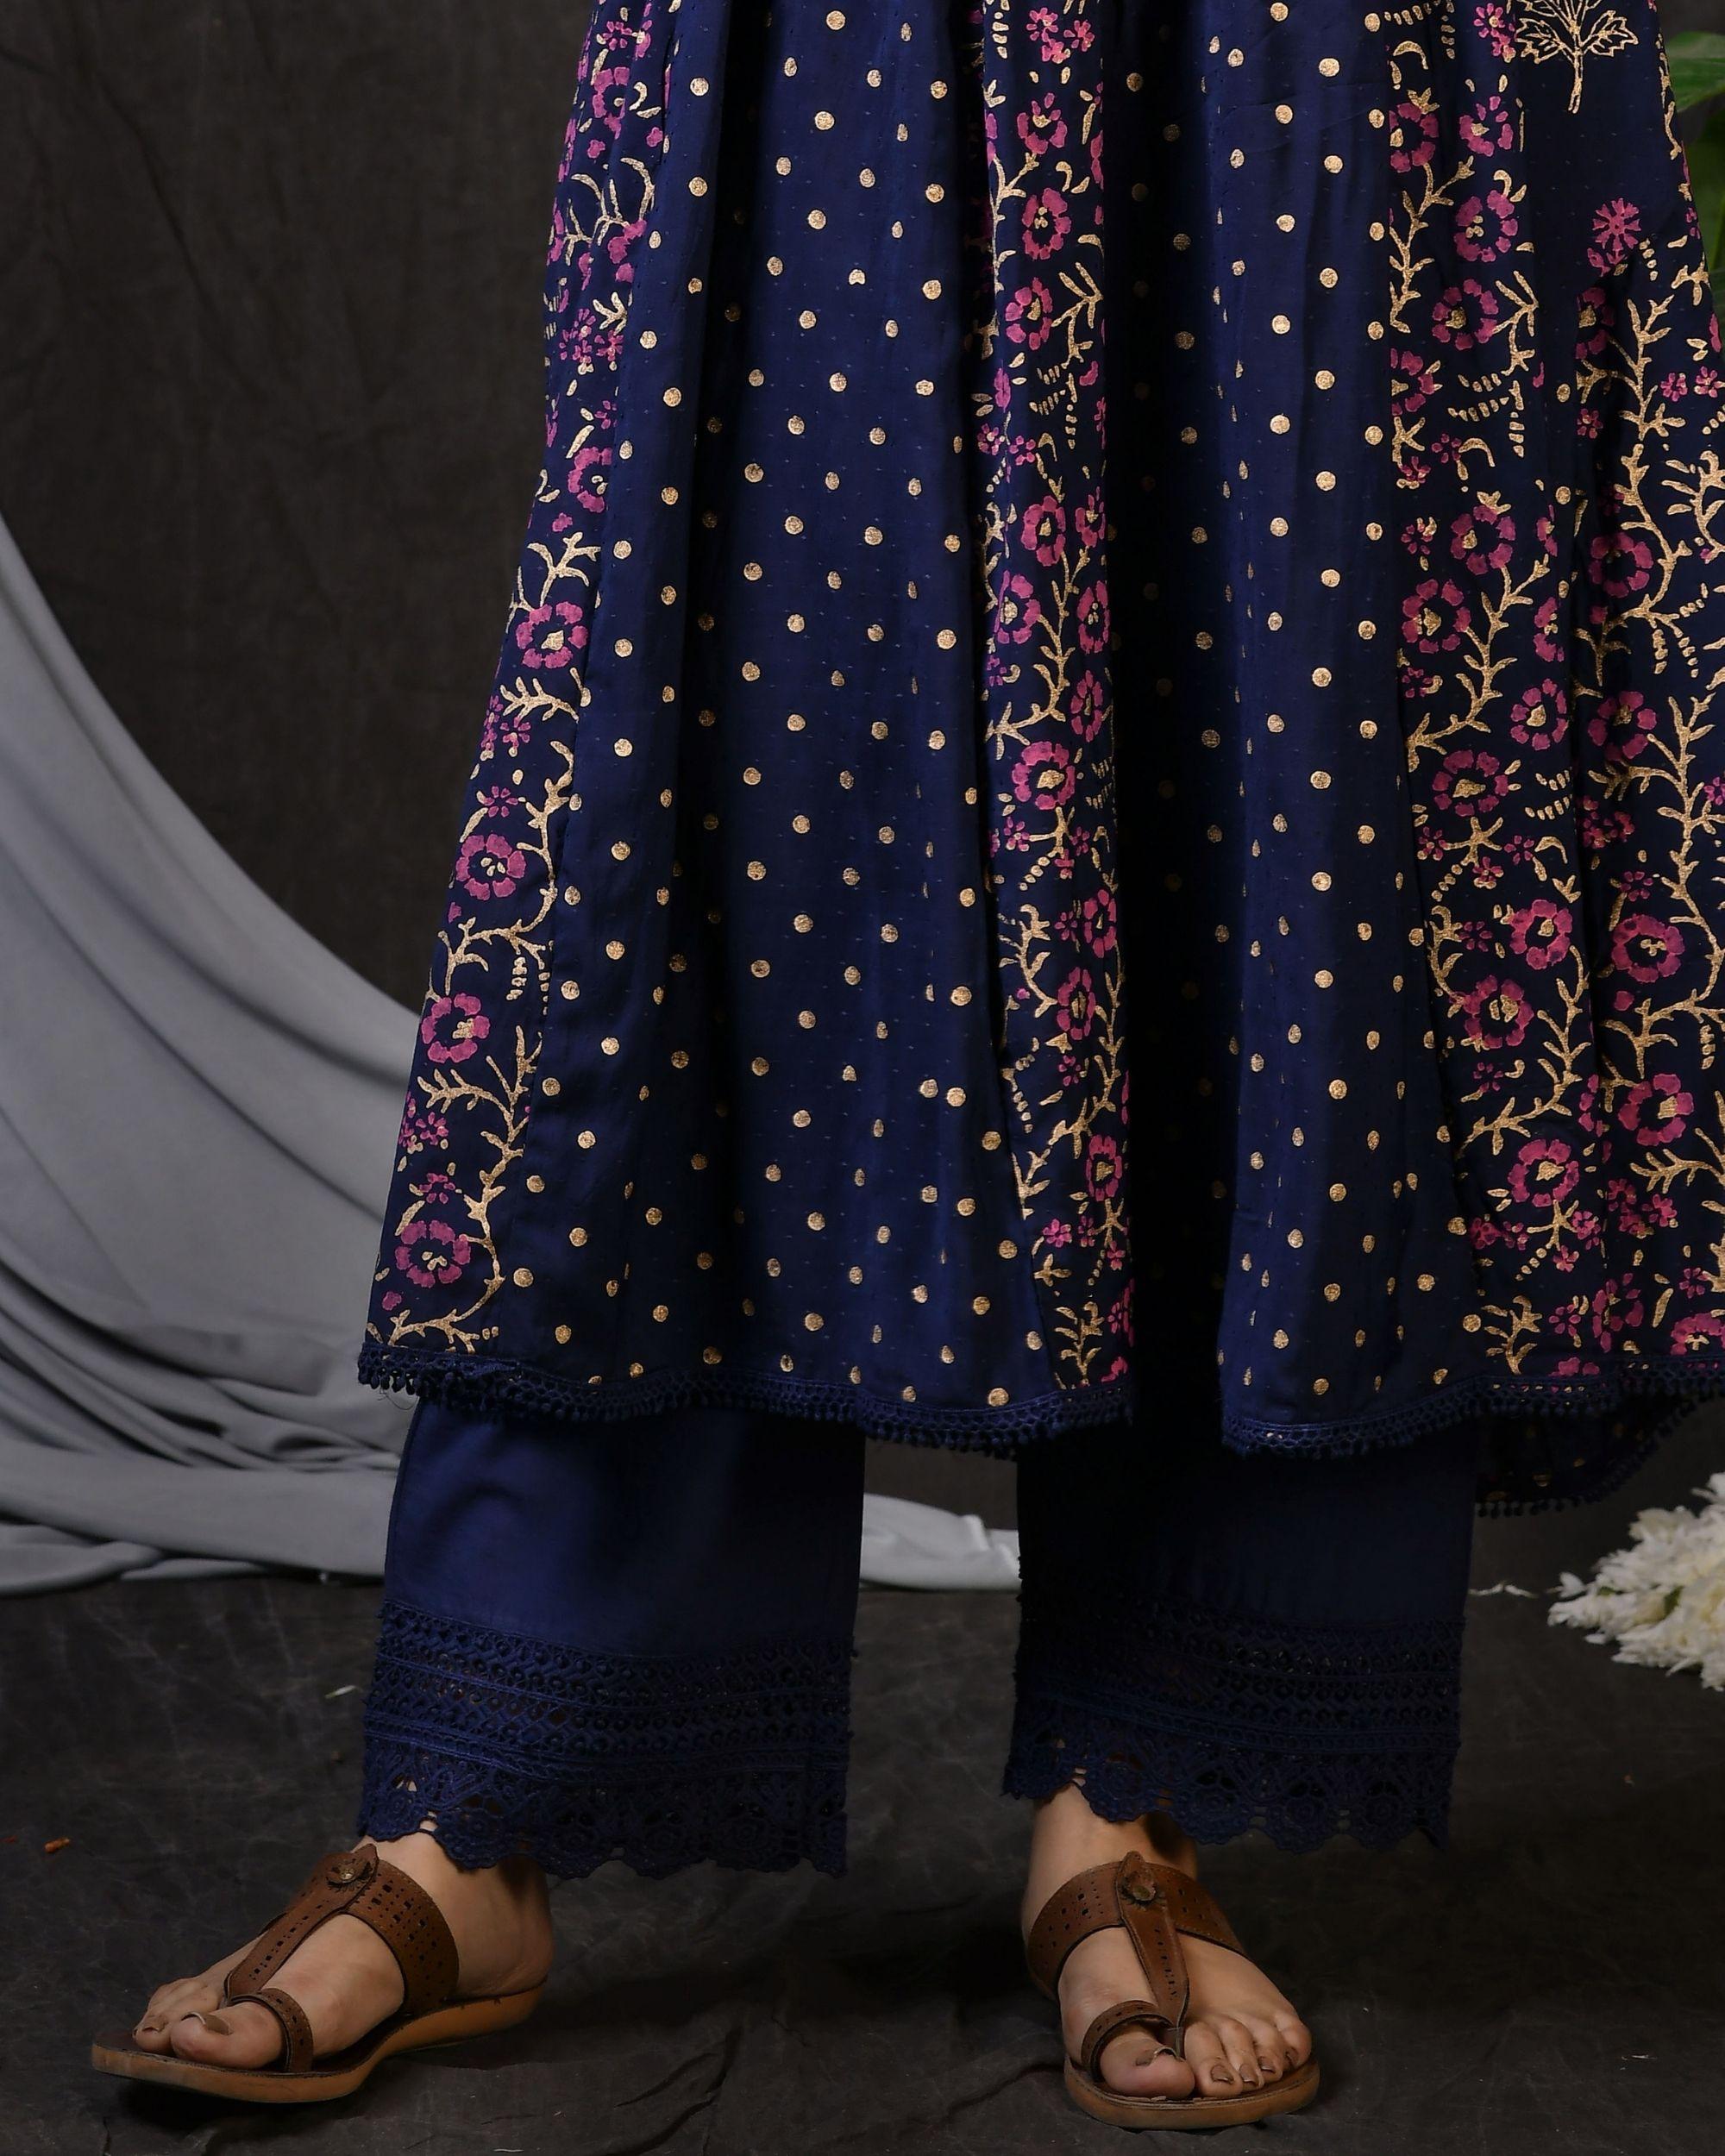 Blue cotton pants with lace detailing